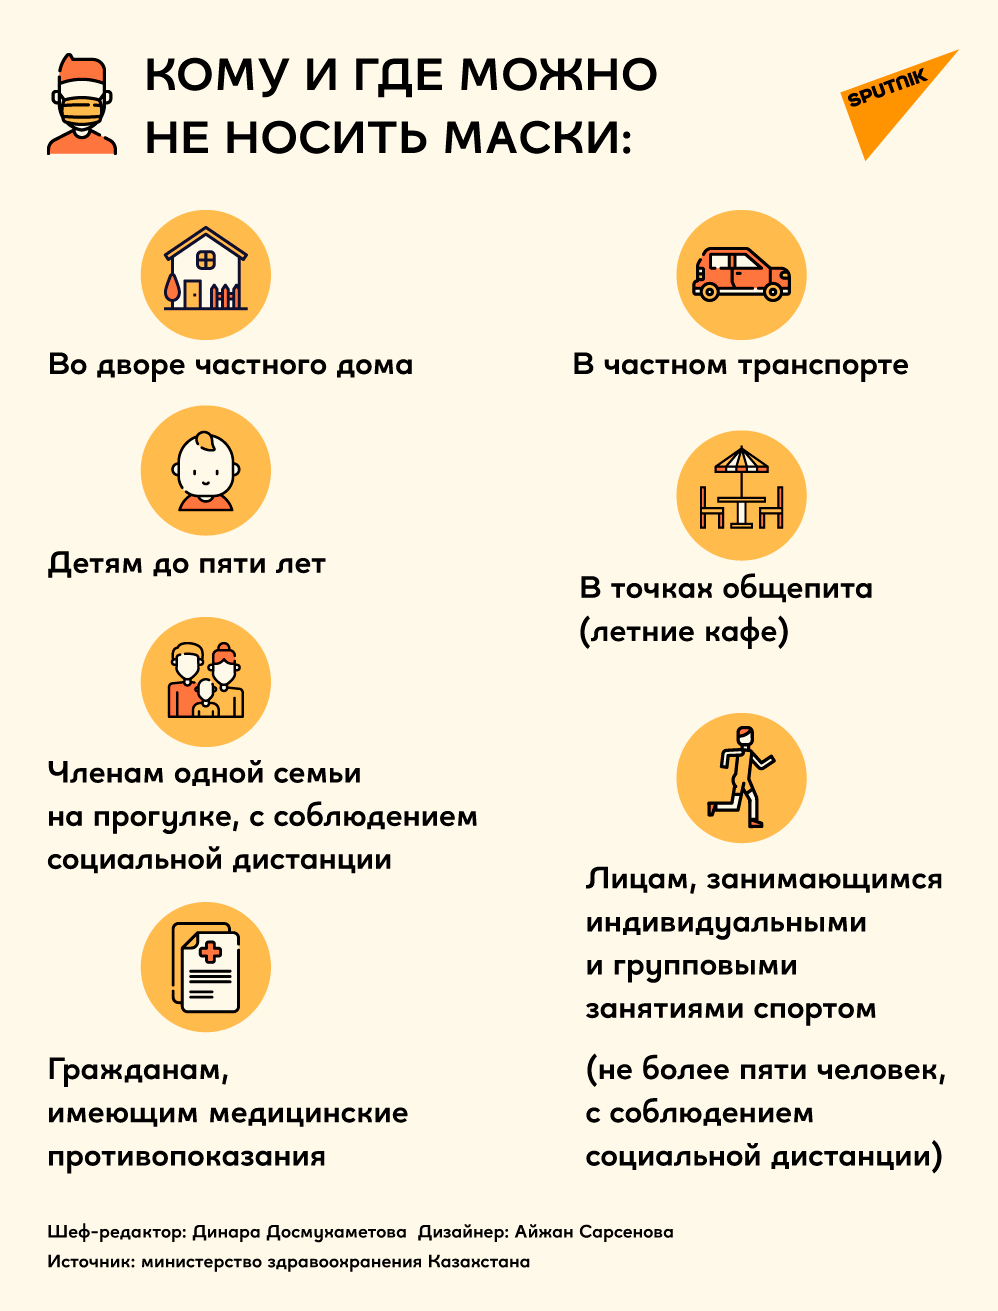 Инфографика: кому и где можно не носить маски